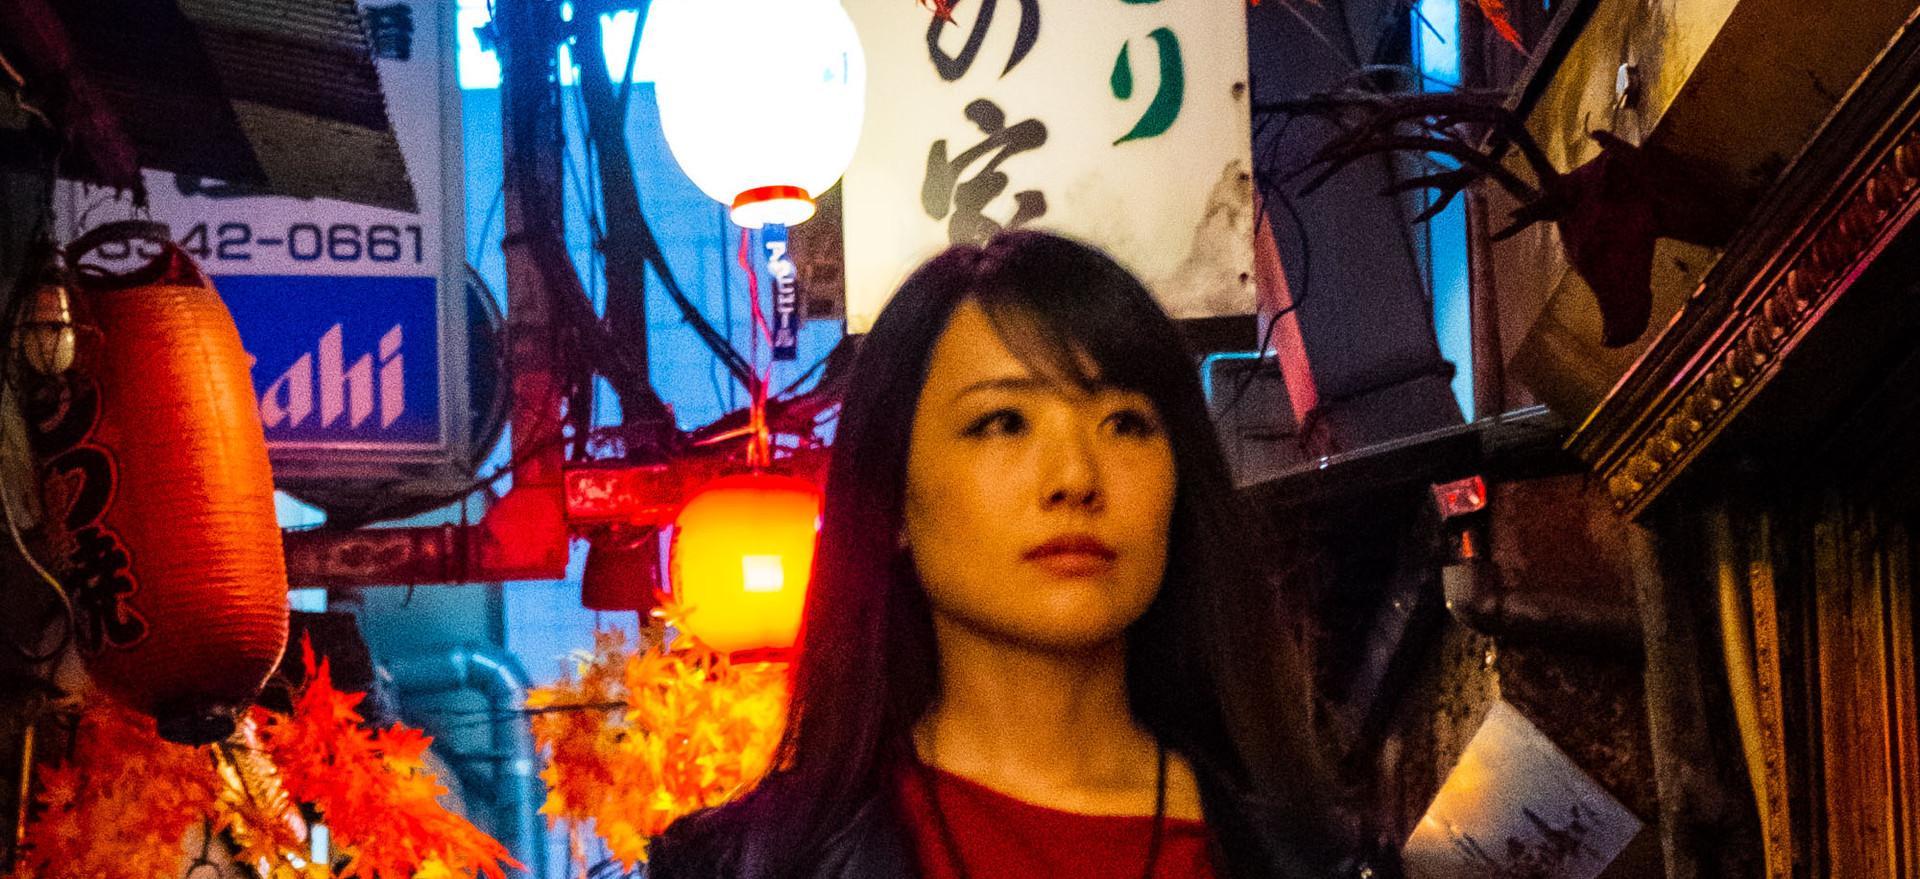 Shinjuku Nanoka-020.jpg